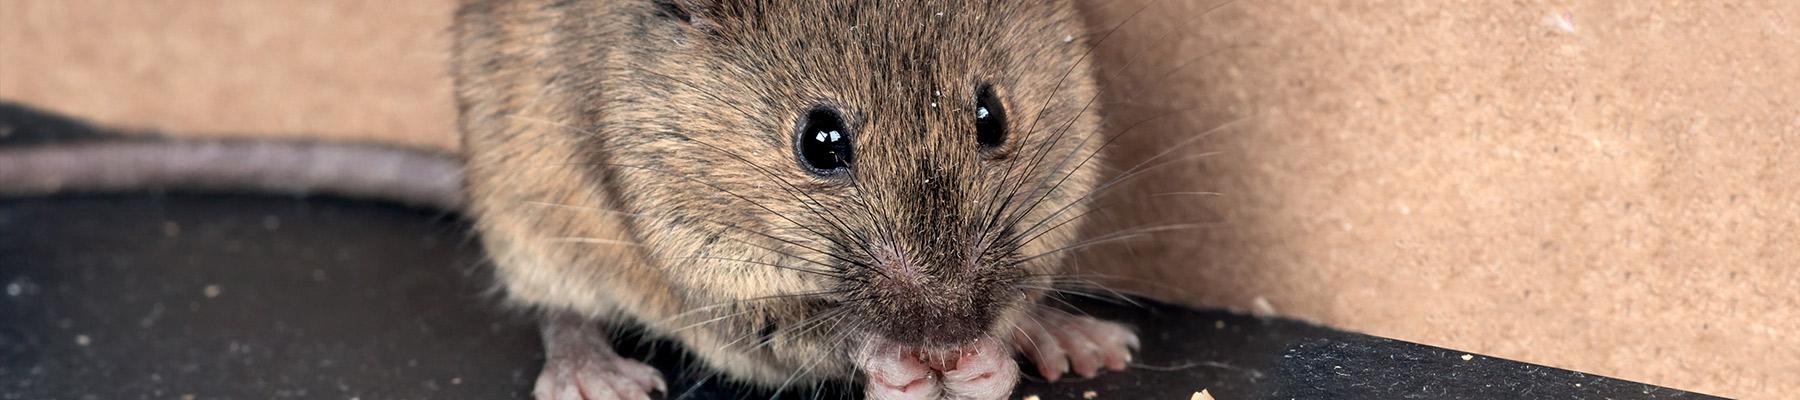 mice in myrtle beach